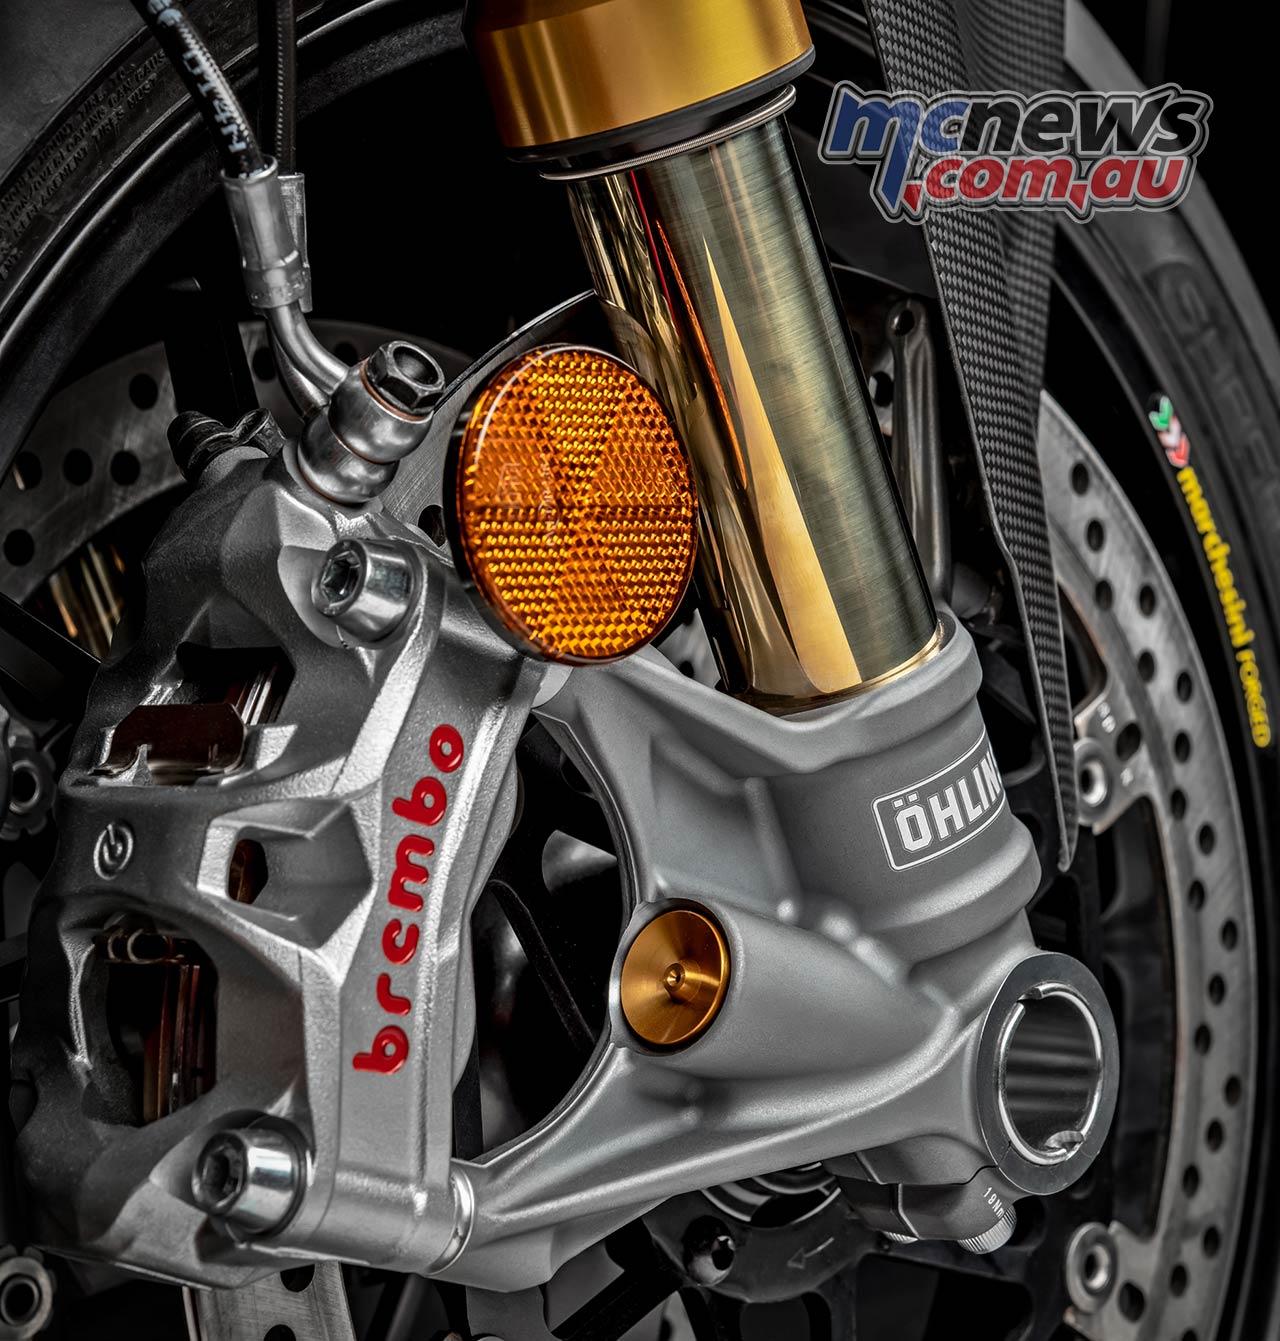 2019 Ducati Panigale V4 R 998cc Racer More Tech Details